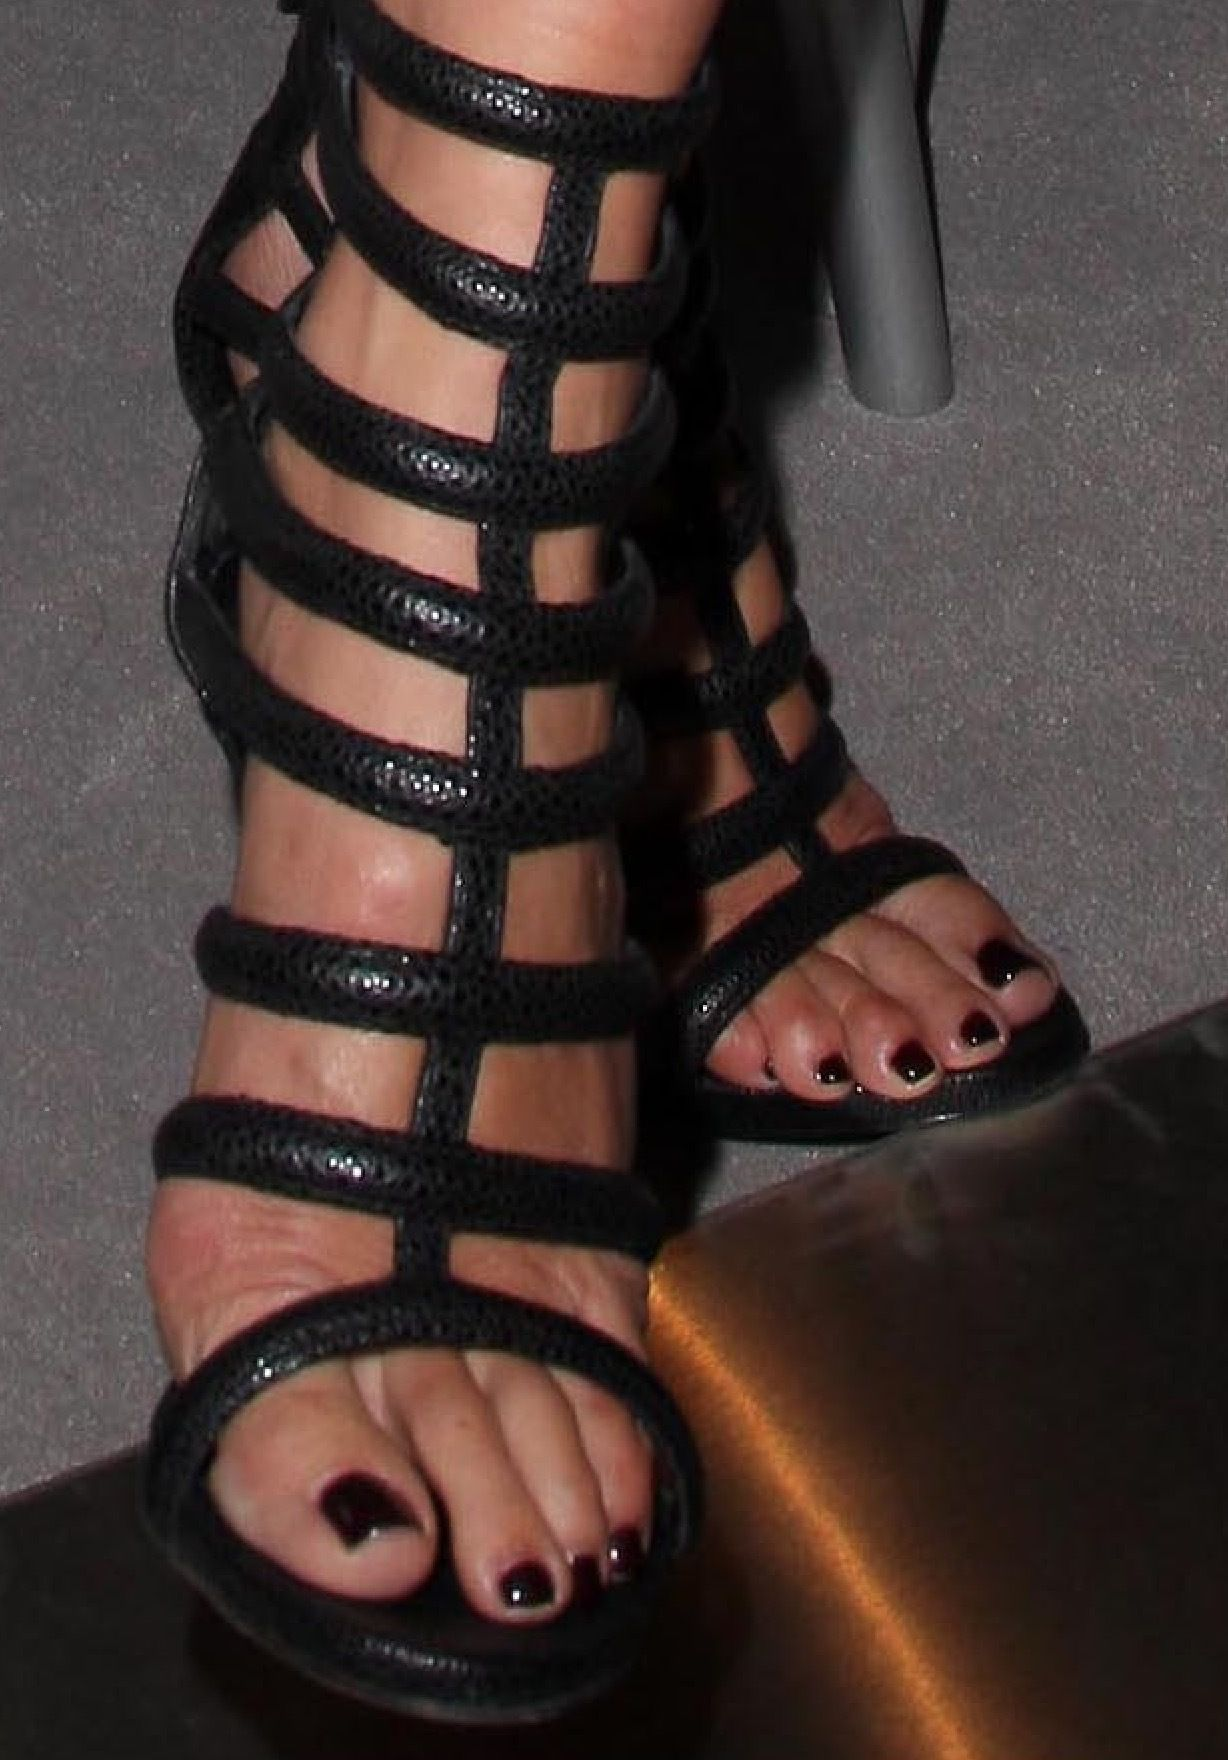 Feet Cameron Diaz nudes (93 photos), Pussy, Hot, Feet, legs 2015